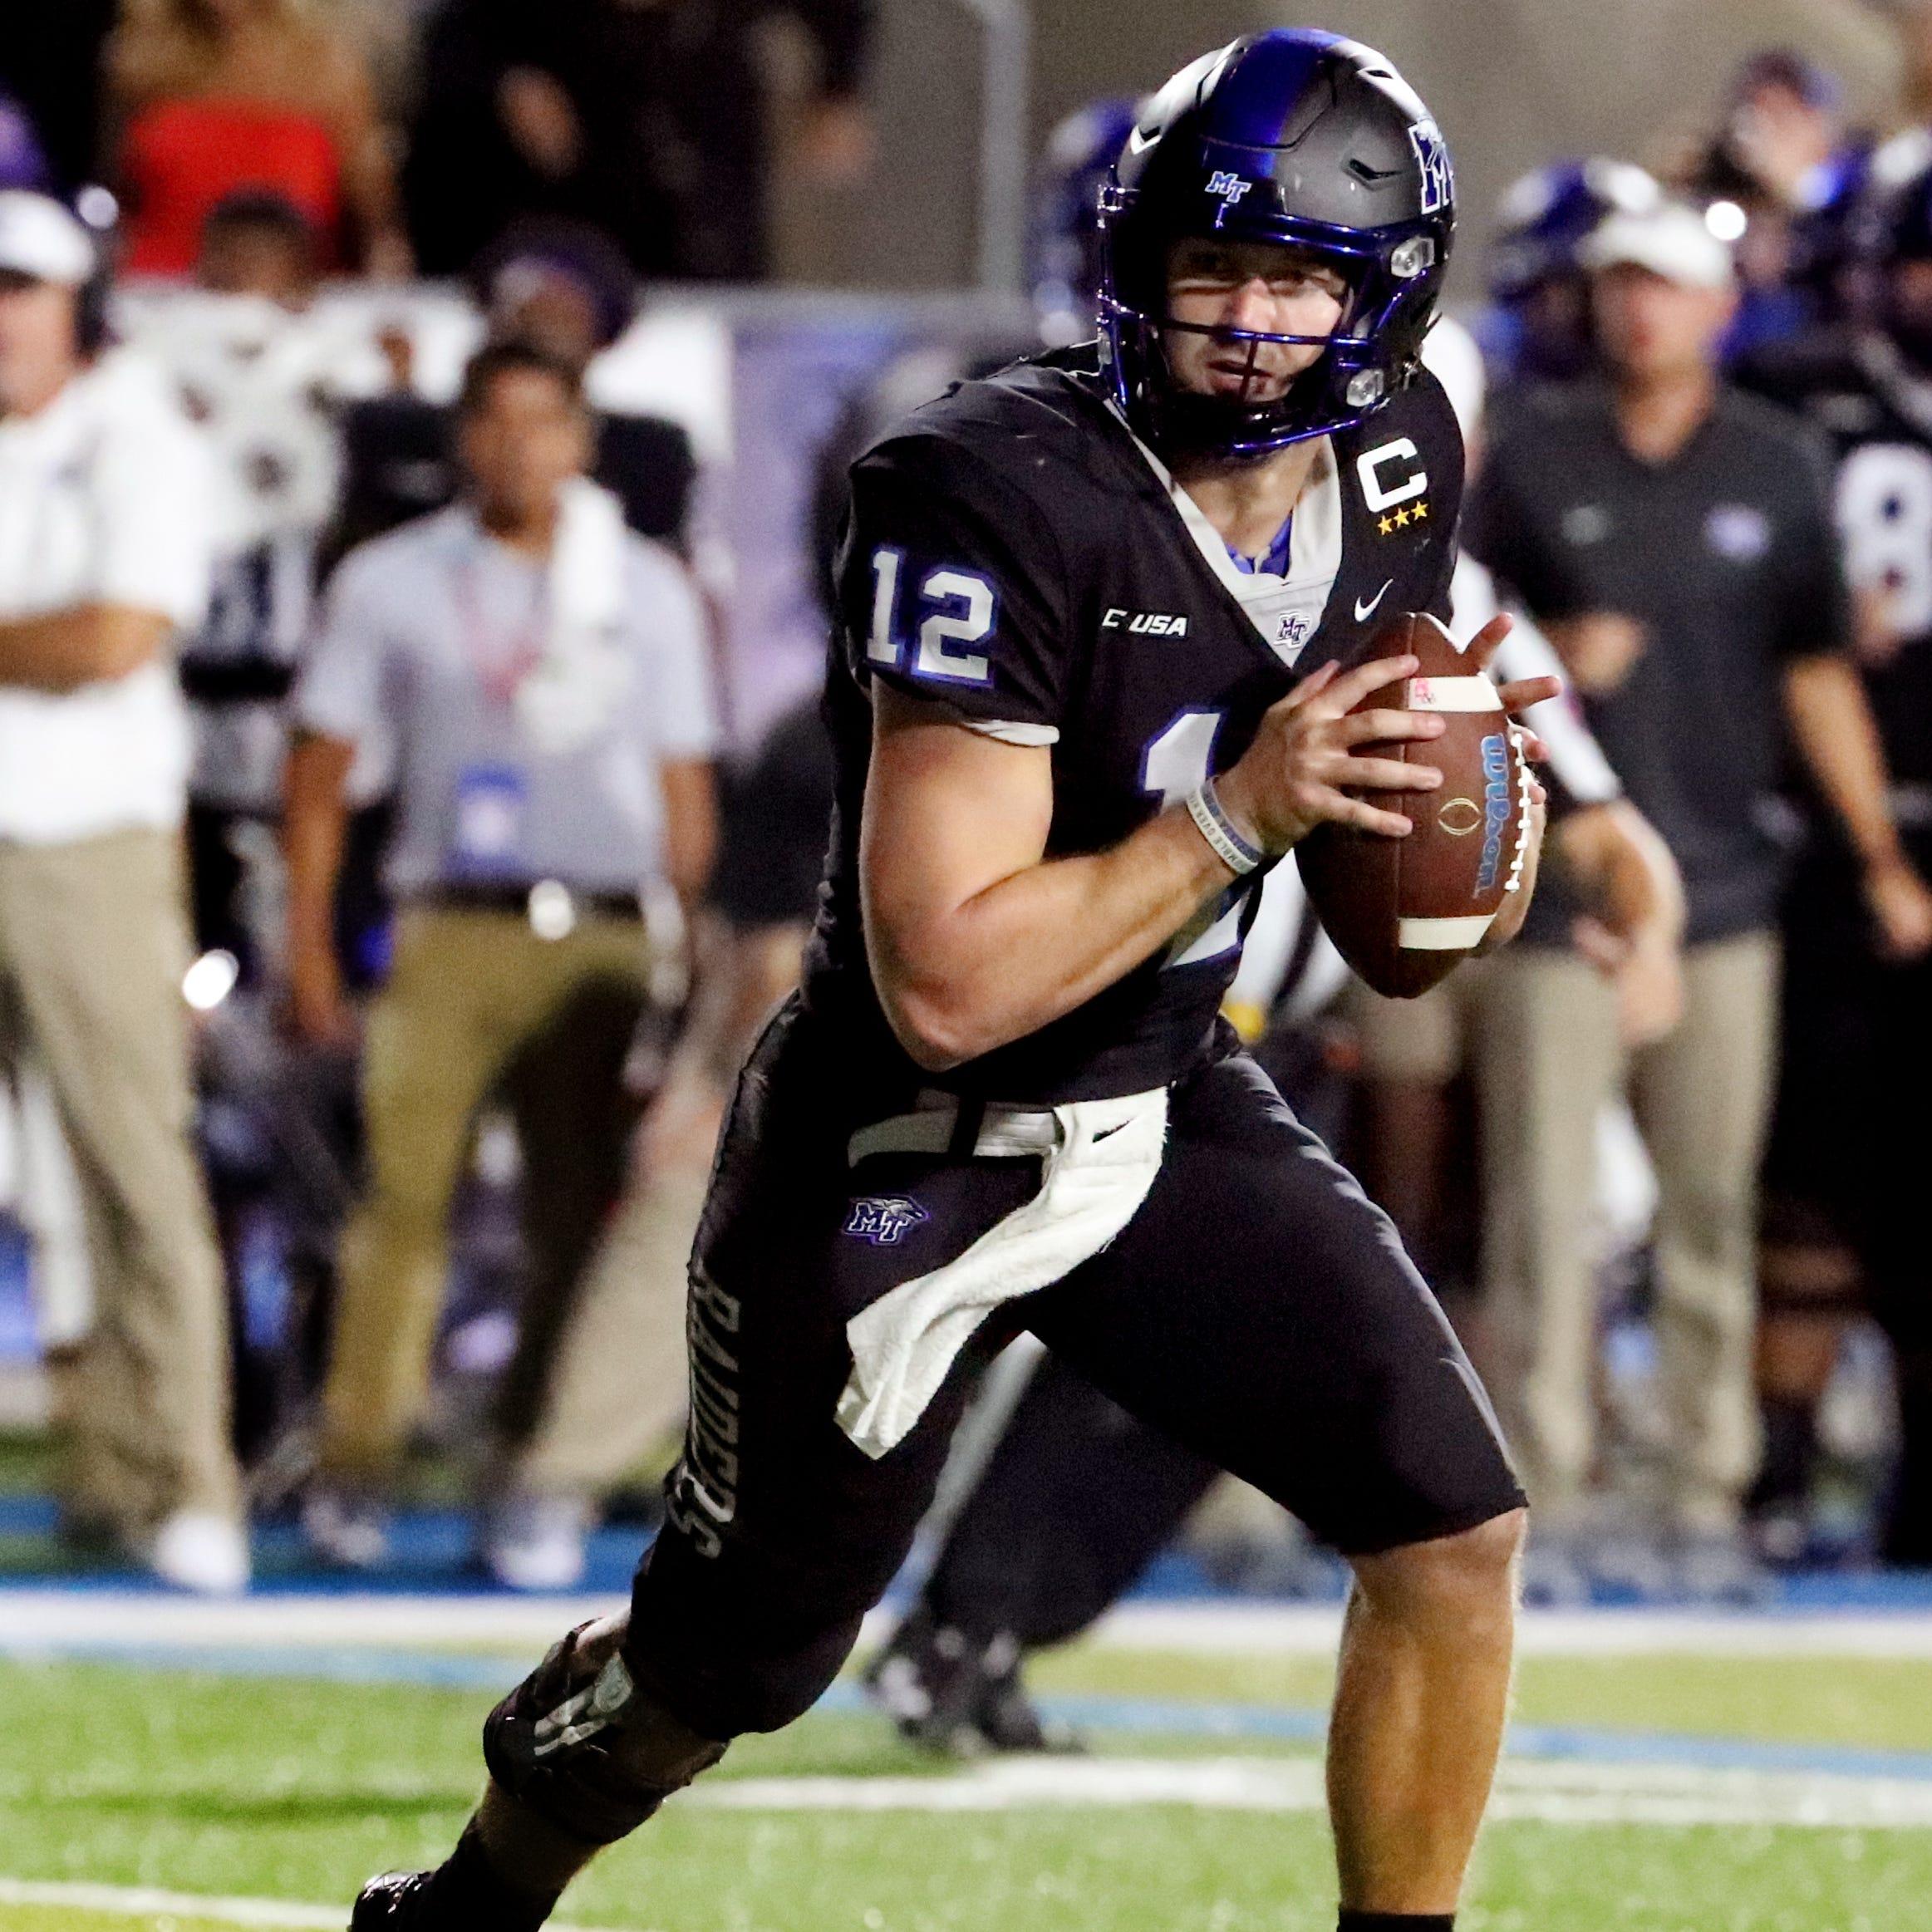 MTSU quarterback Brent Stockstill reaches 10,000 career passing yards